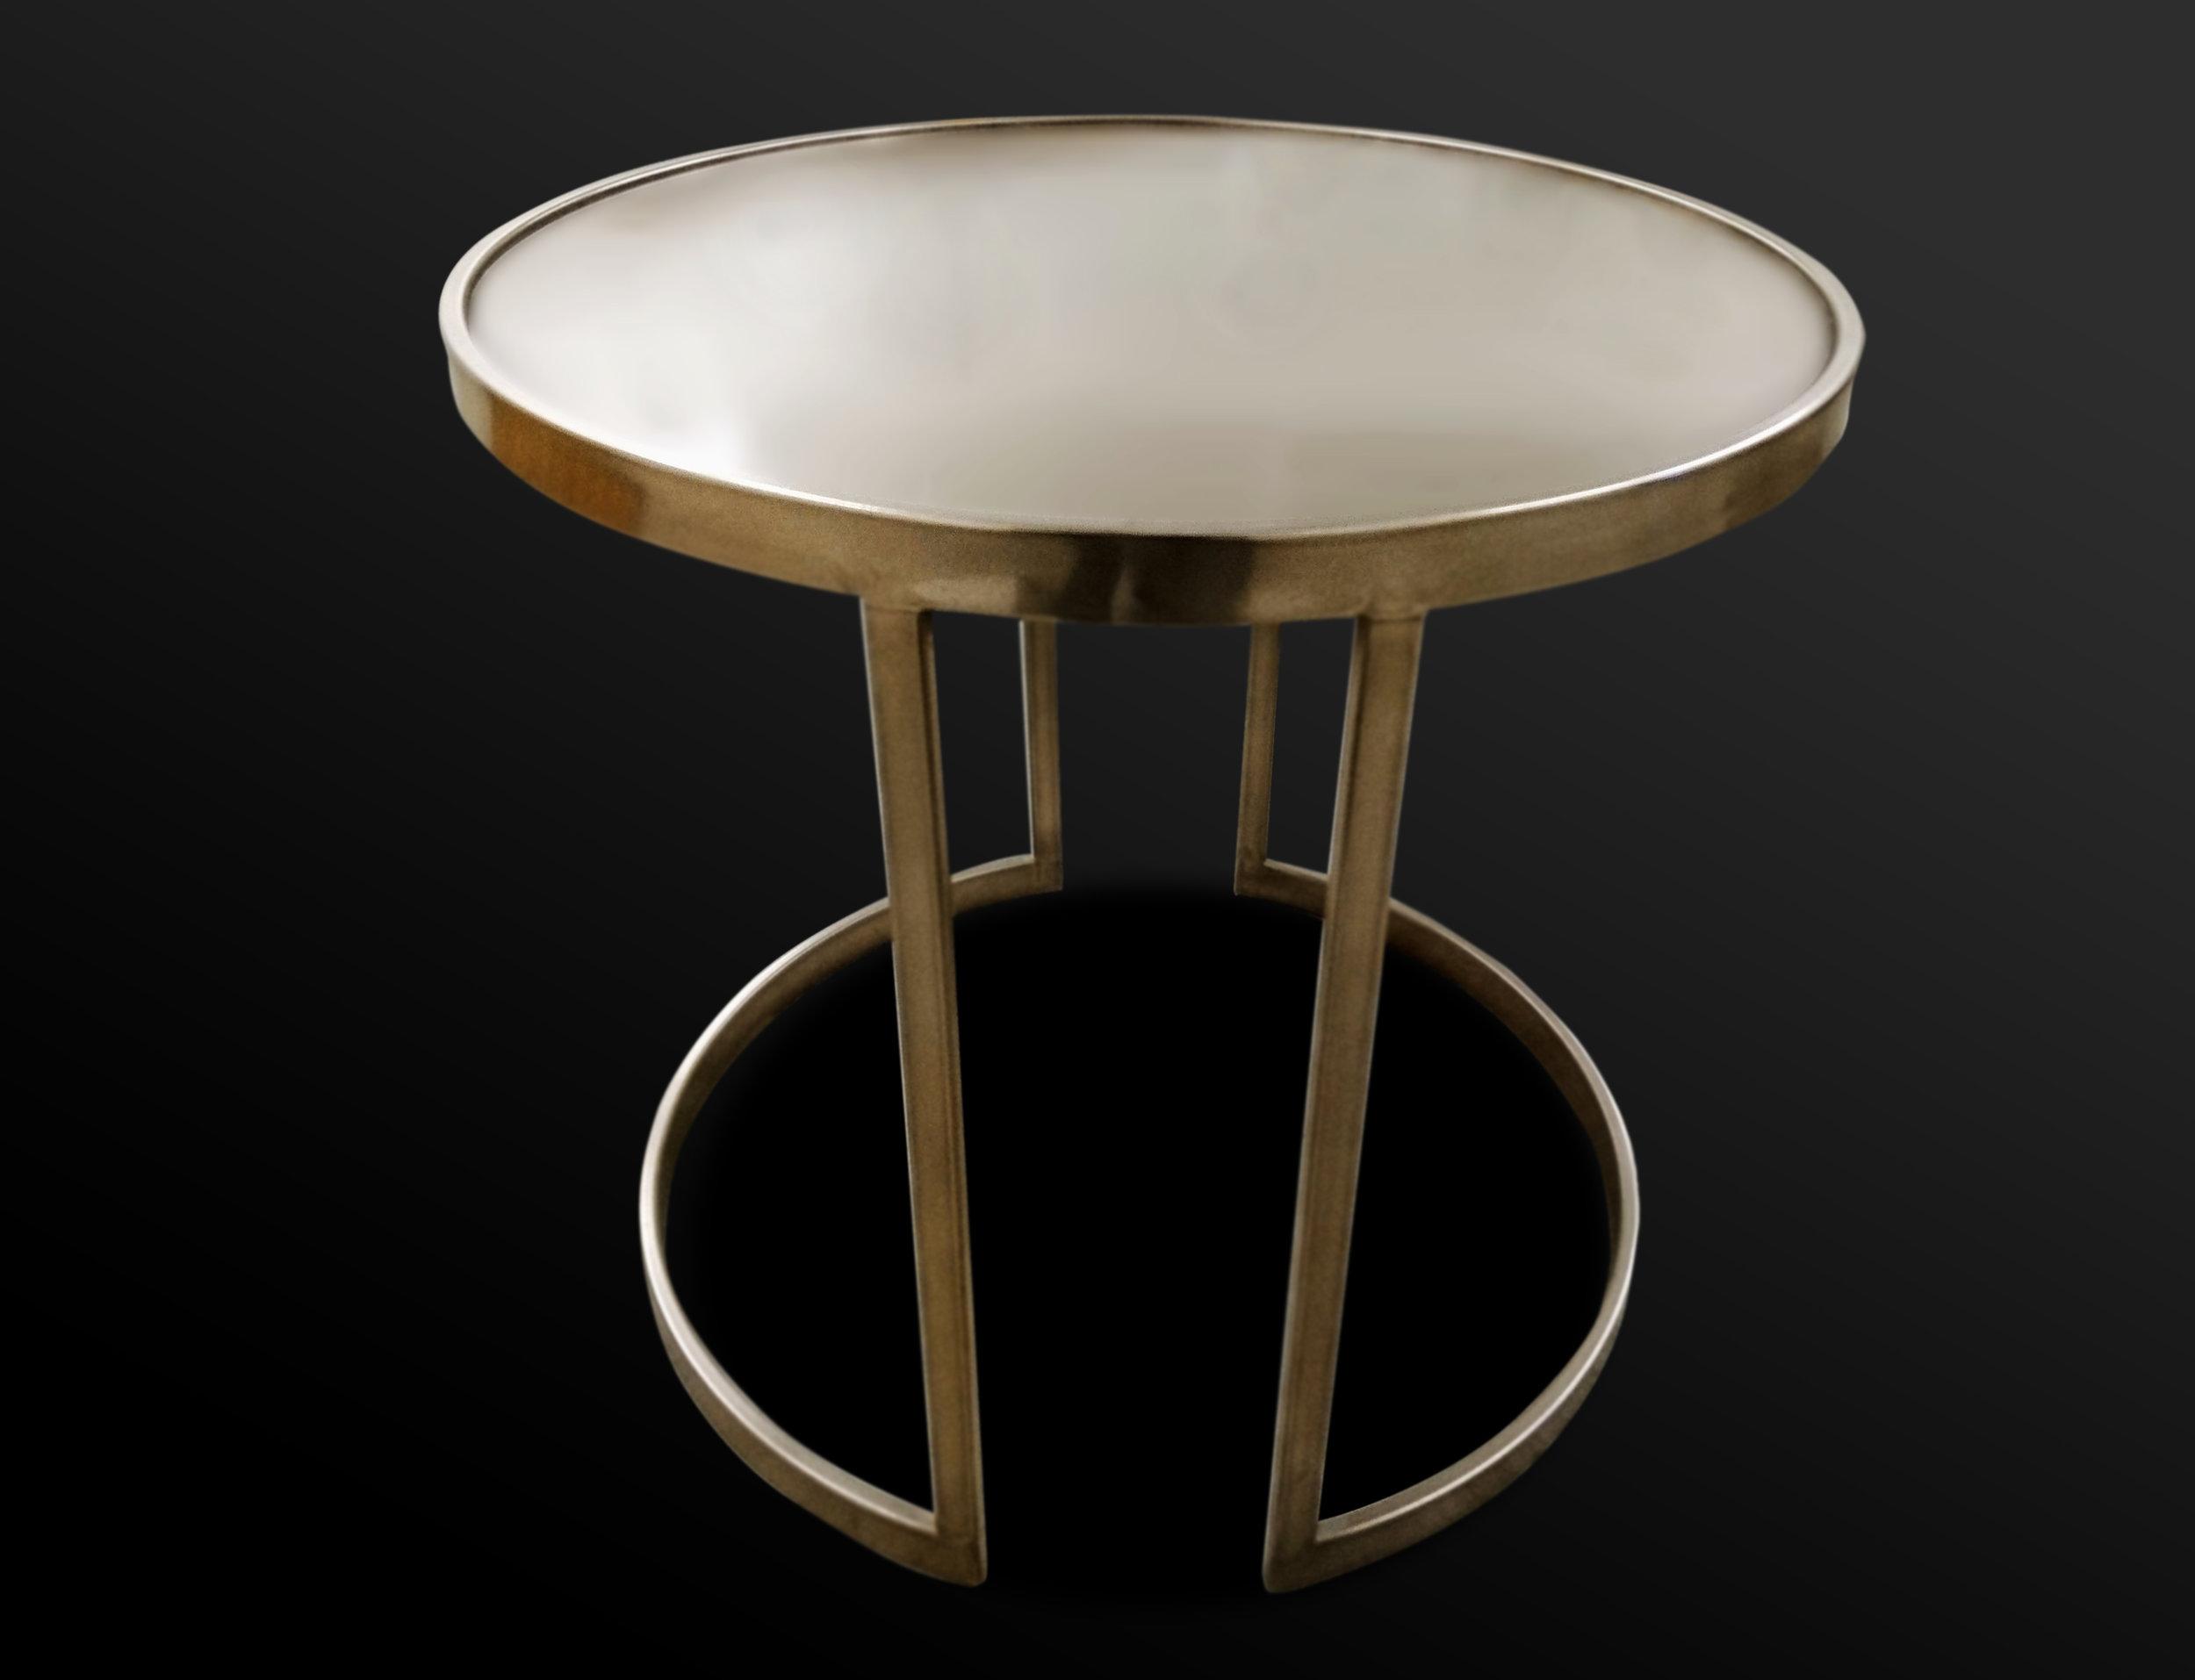 46. Plieninis staliukas dengtas poliruota bronza.